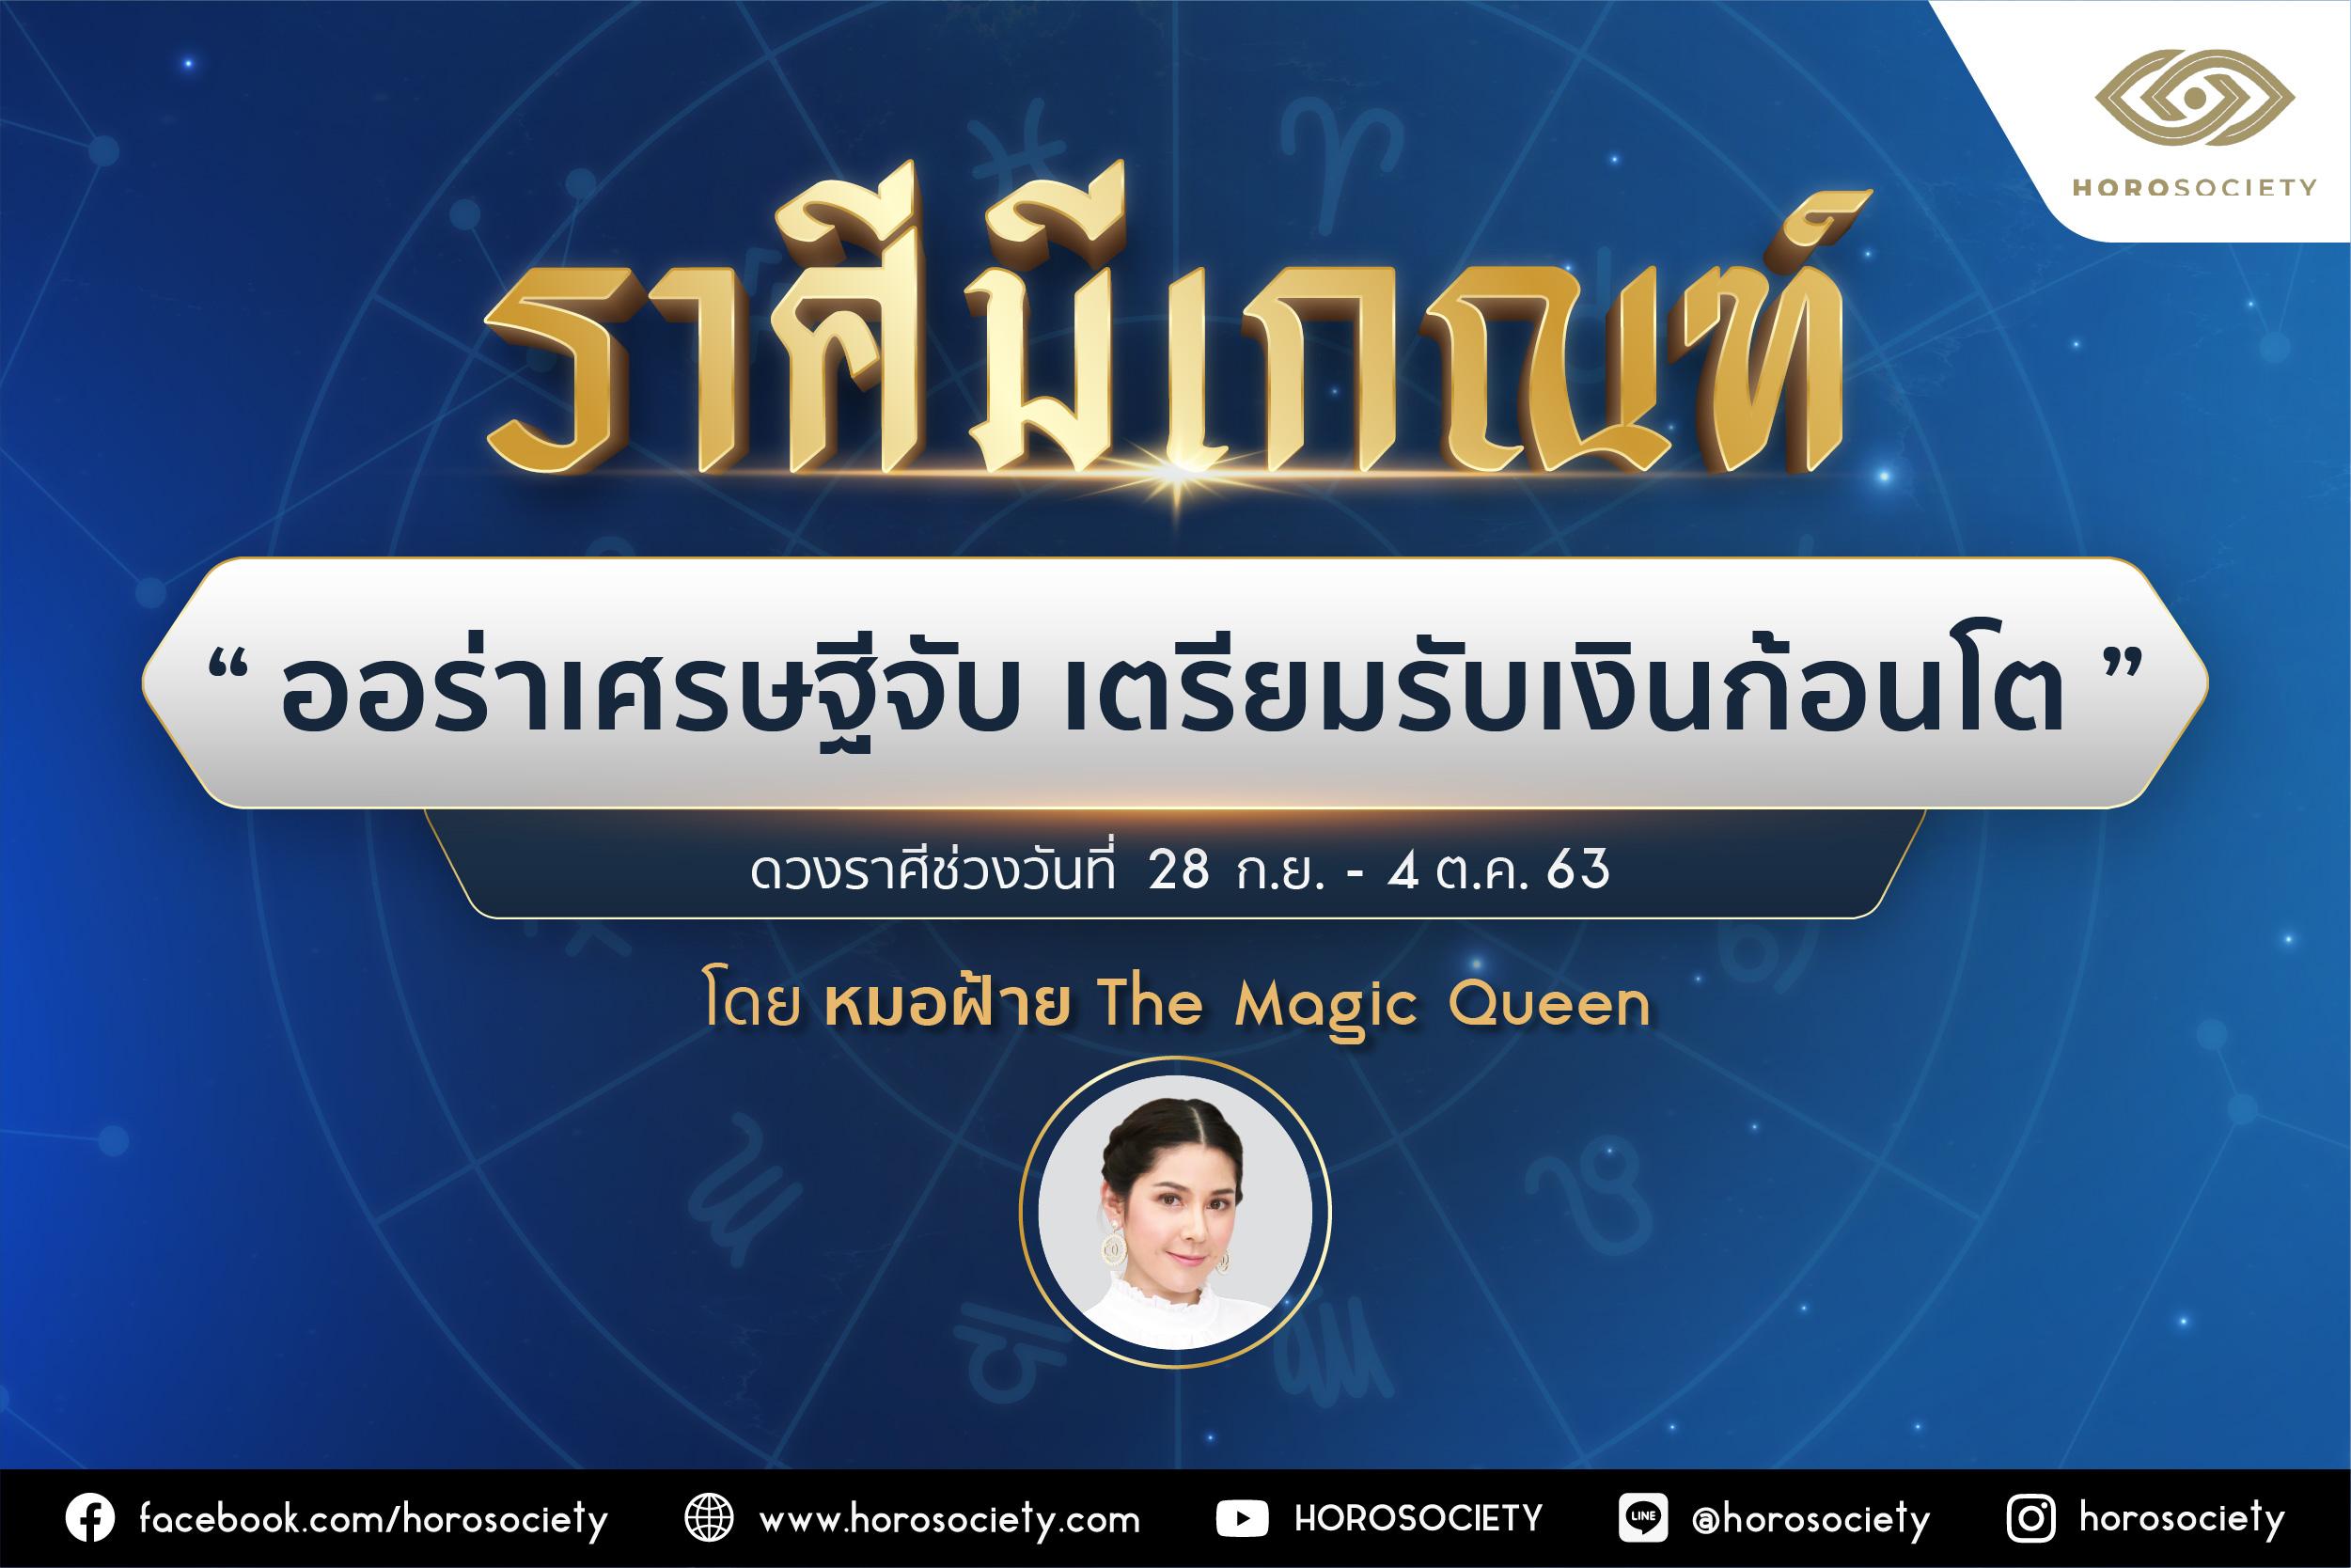 ราศีใดมีเกณฑ์ 'ออร่าเศรษฐีจับ เตรียมรับเงินก้อนโต' โดยหมอฝ้าย The Magic Queen